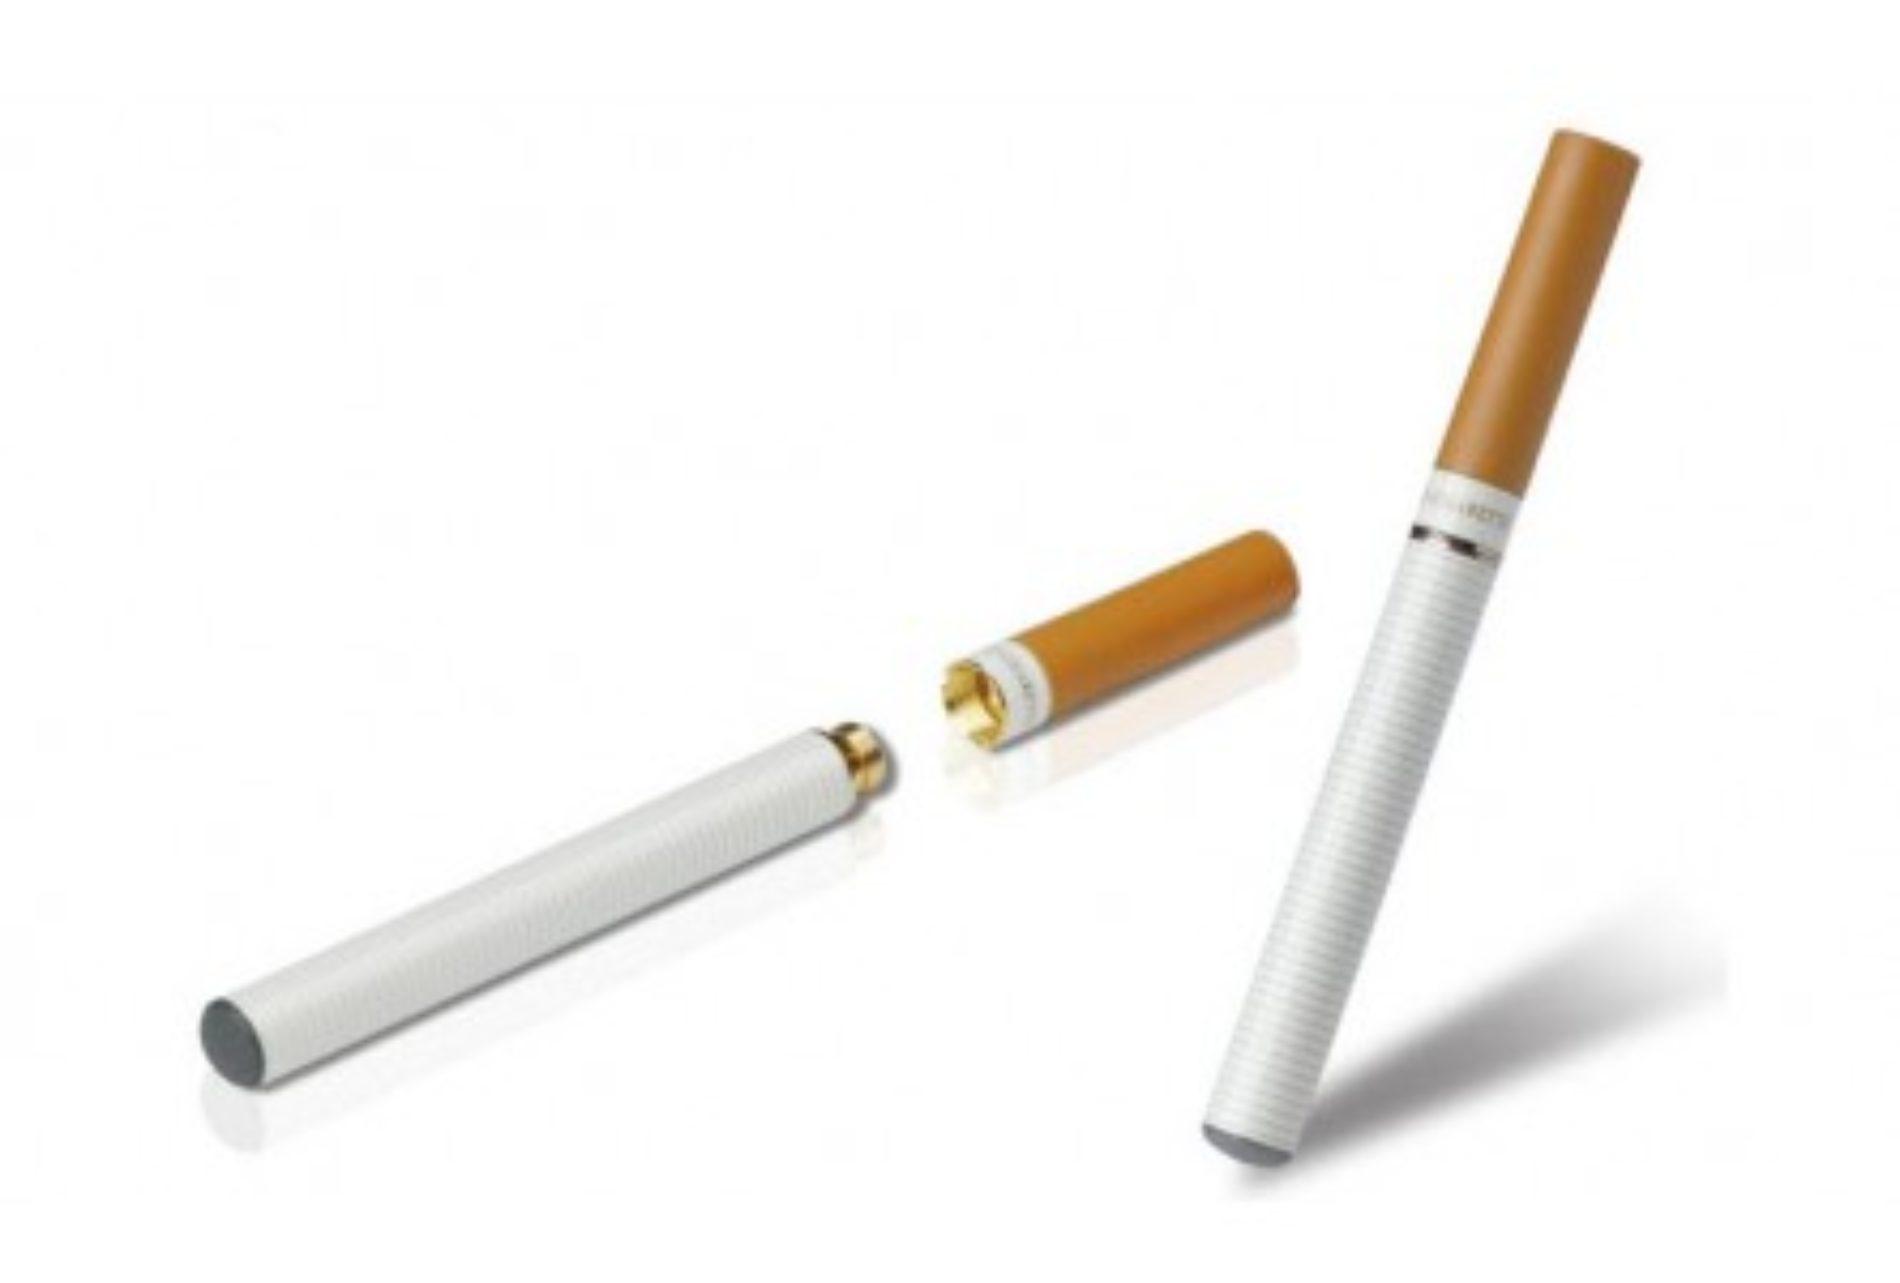 Le sigarette elettroniche aiutano a ridurre la dipendenza tabagica